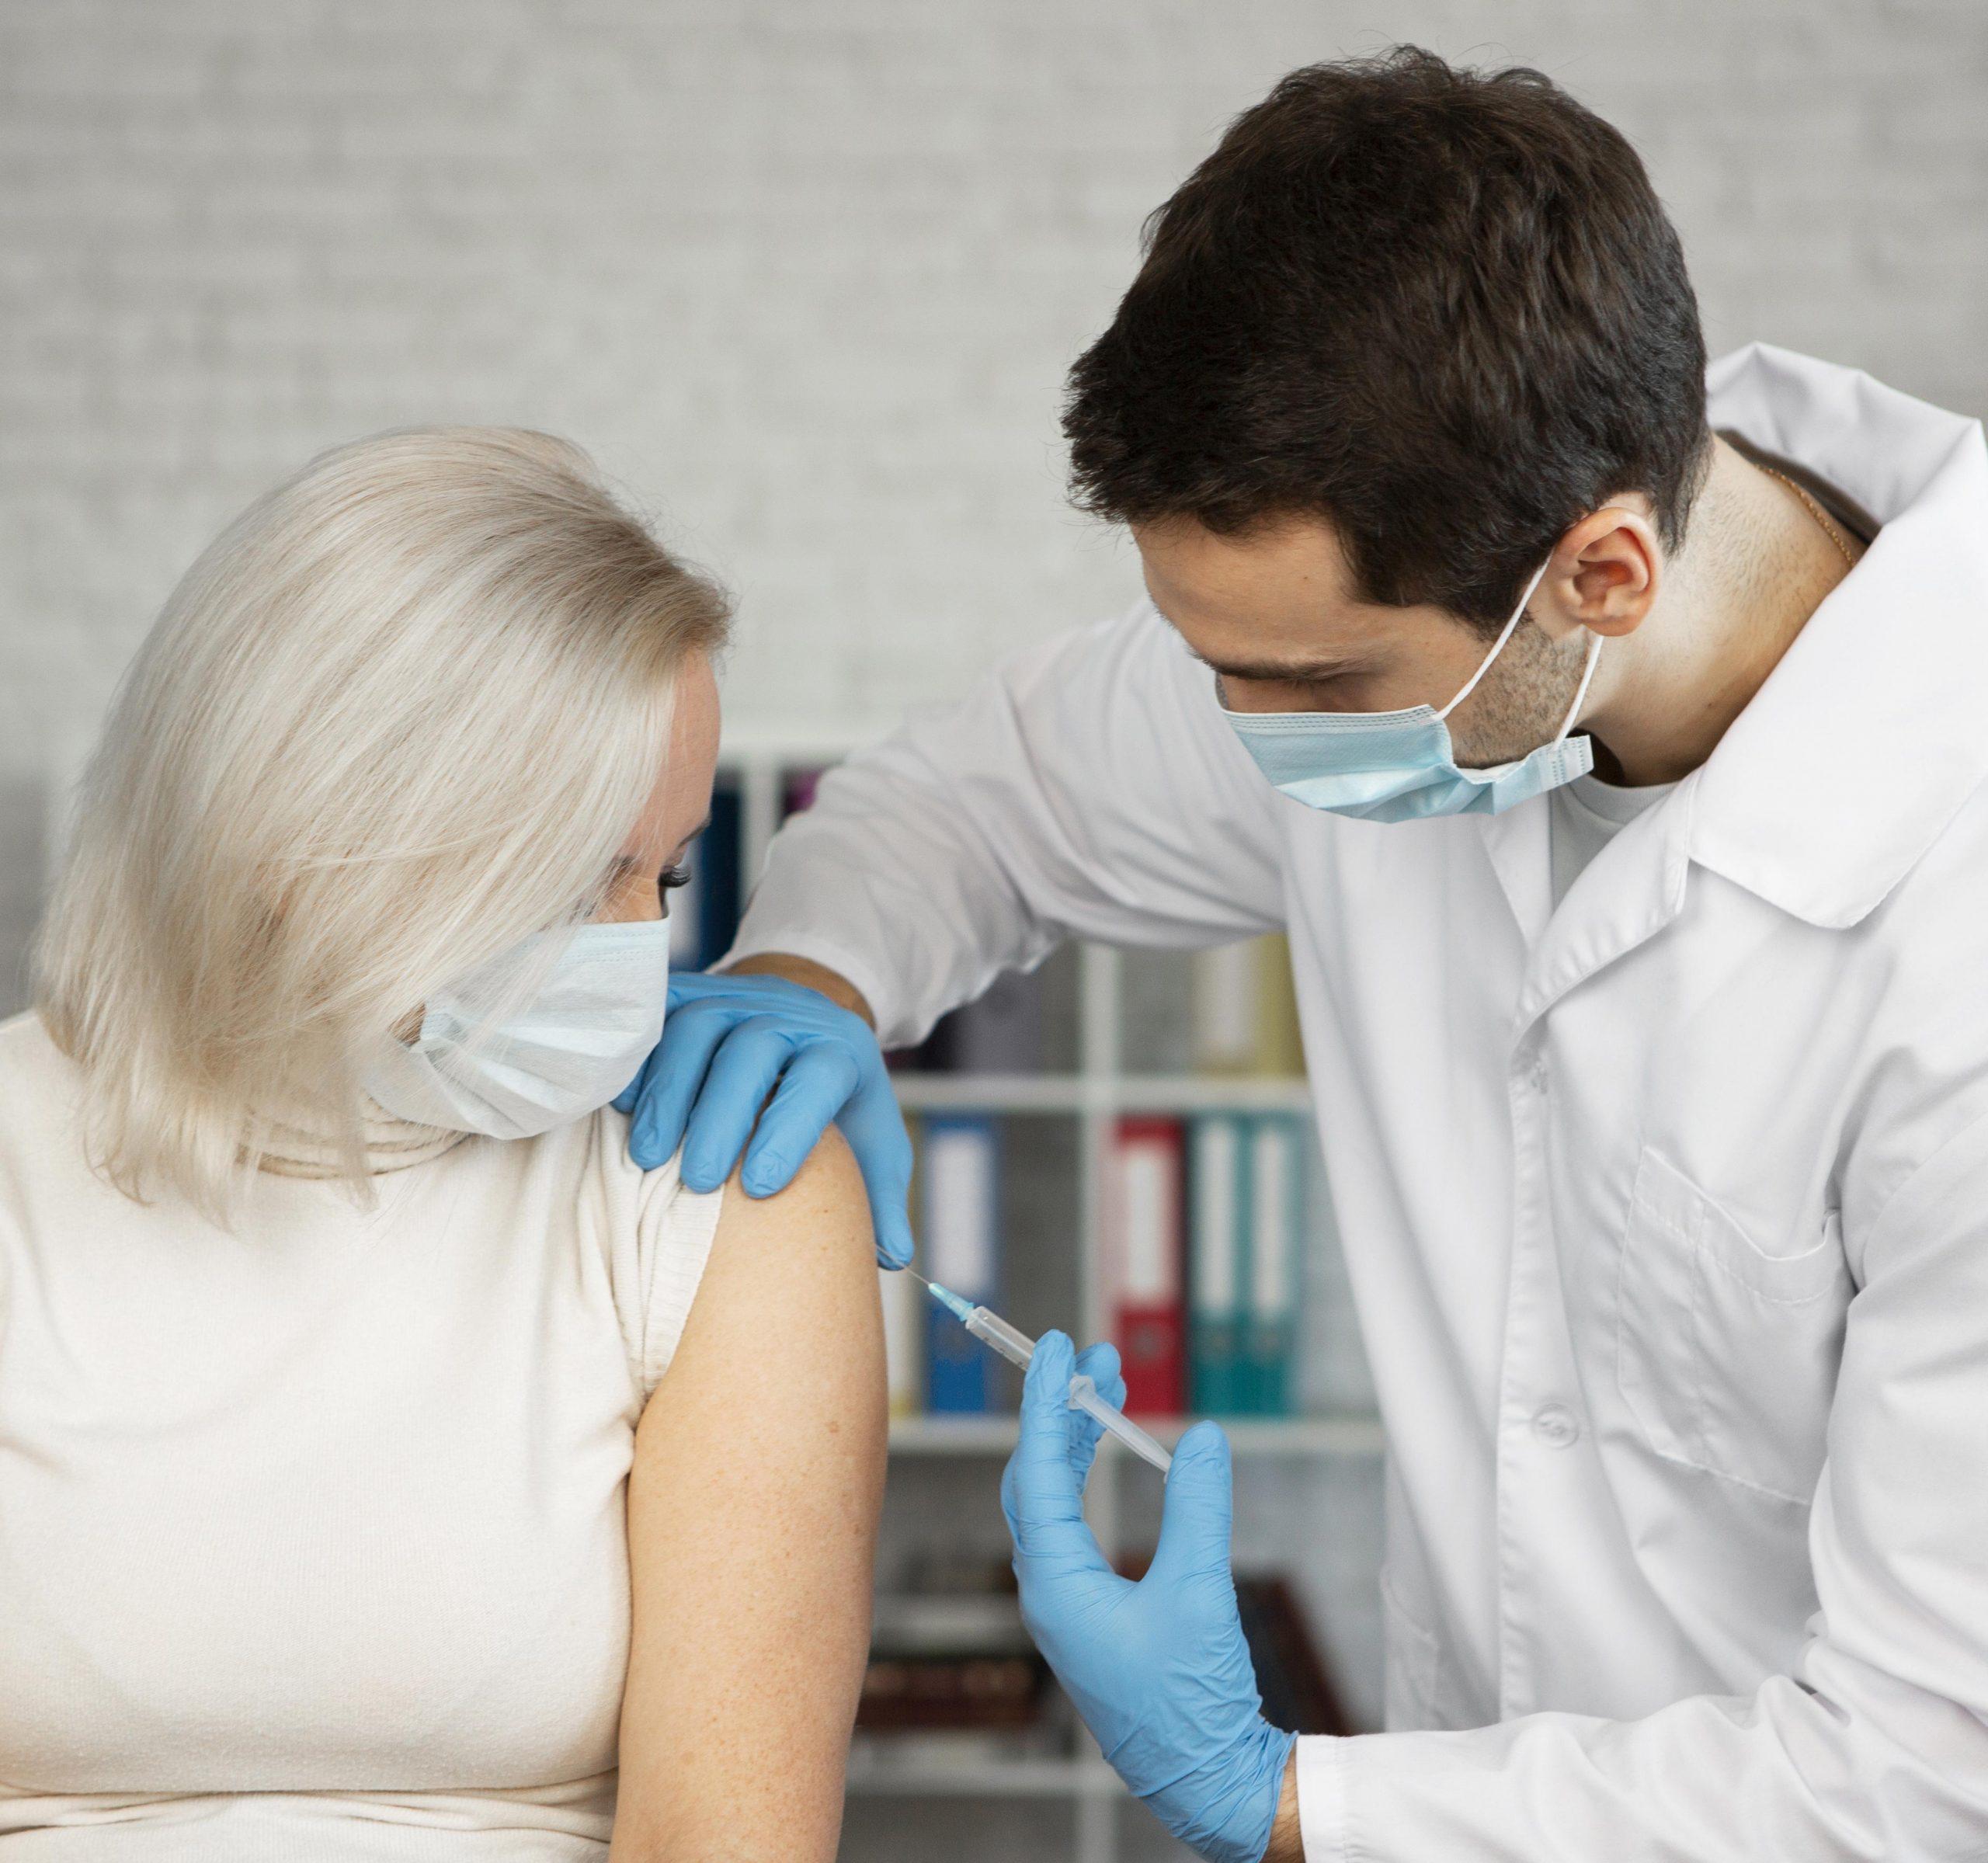 Capital paulista incluiu profissionais de laboratórios e clínicas de imagem na prioridade para vacinação